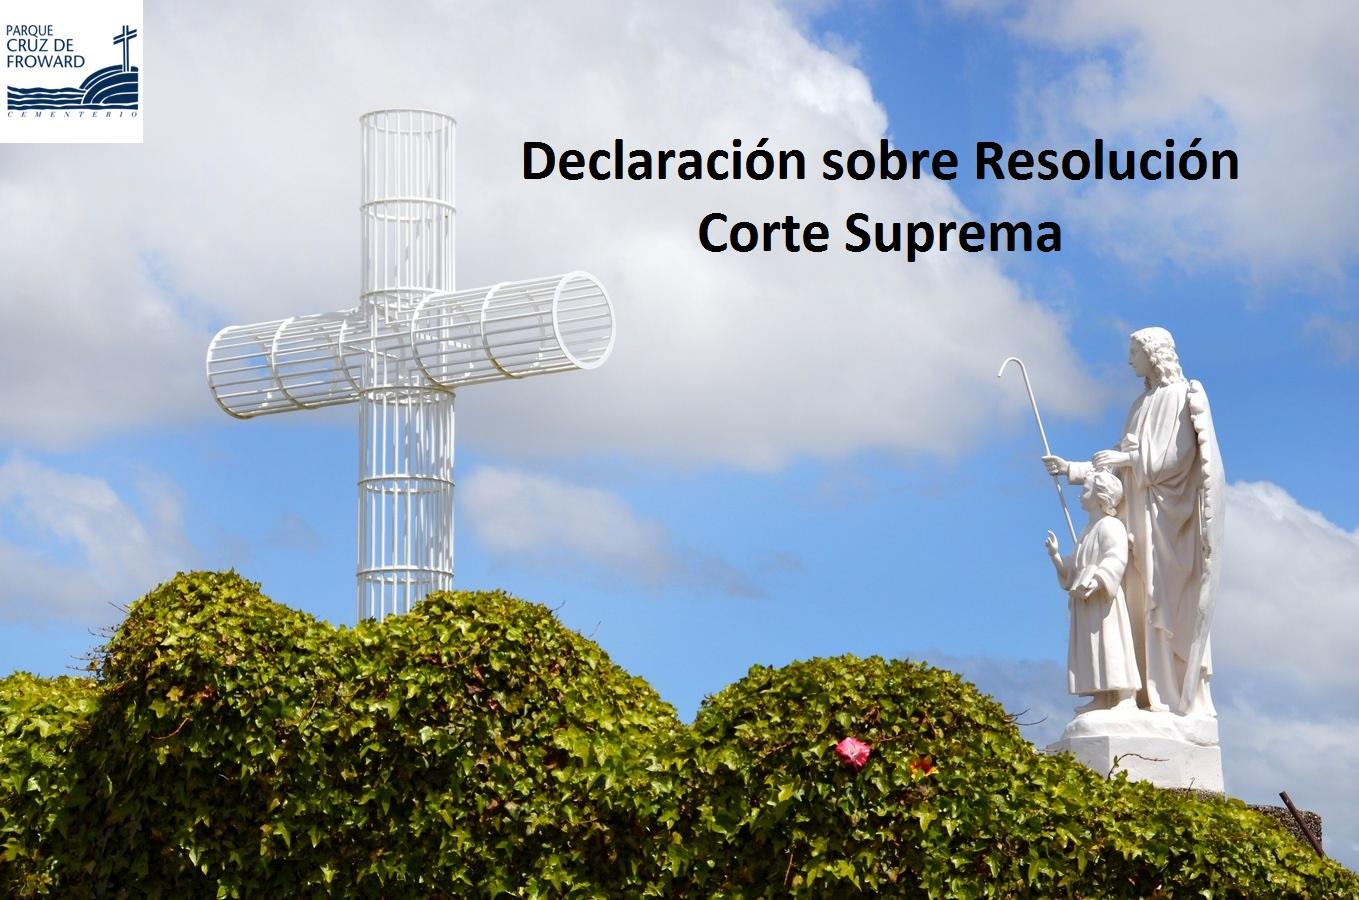 Declaración sobre Resolución Corte Suprema